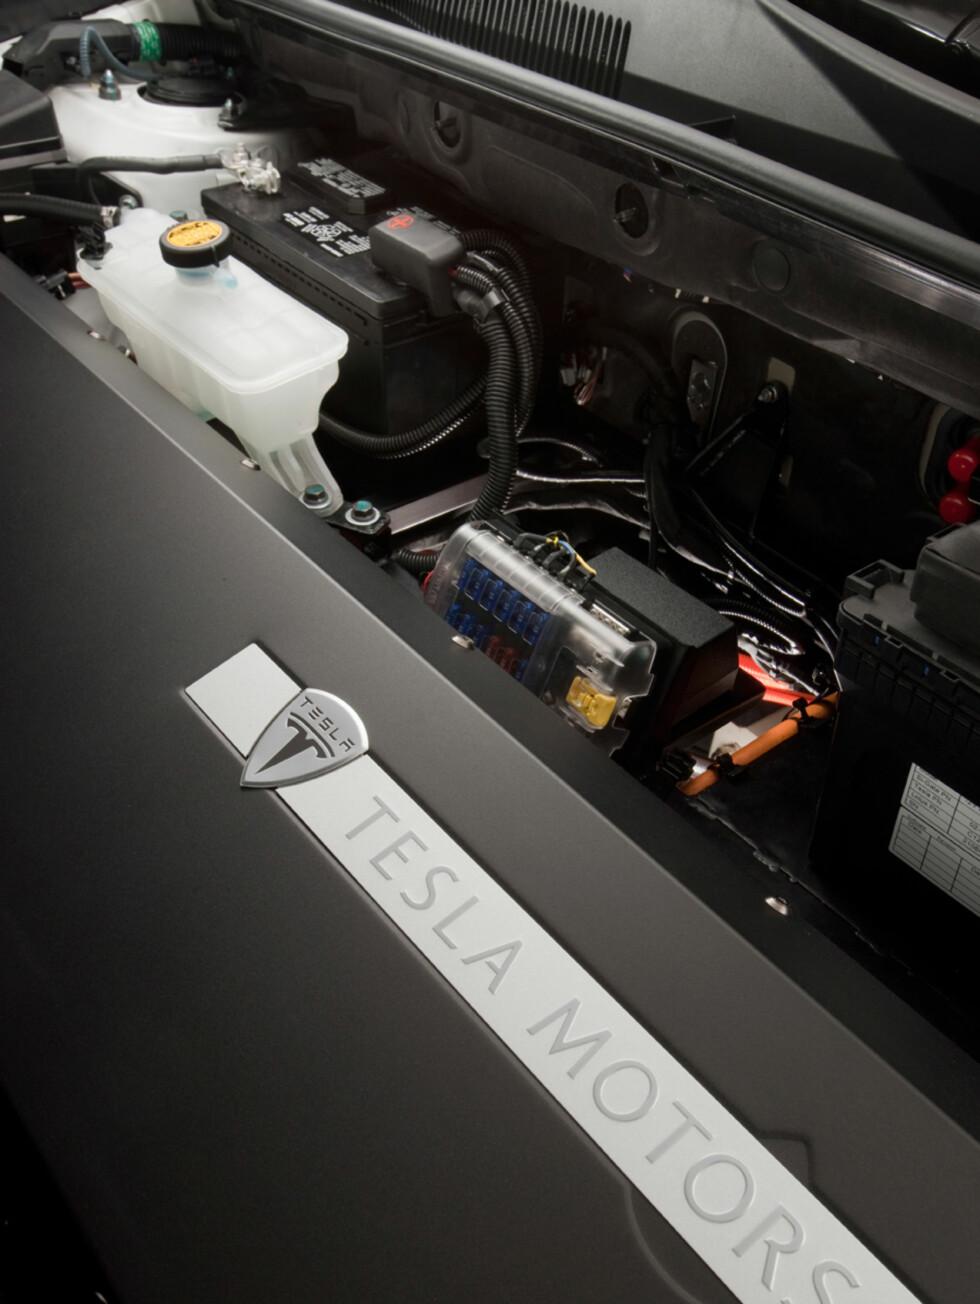 Drivlinjen leveres av Tesla. De har utviklet 35 førproduksjons-eksemplarer for testing, demo og utstillinger. Foto: Toyota